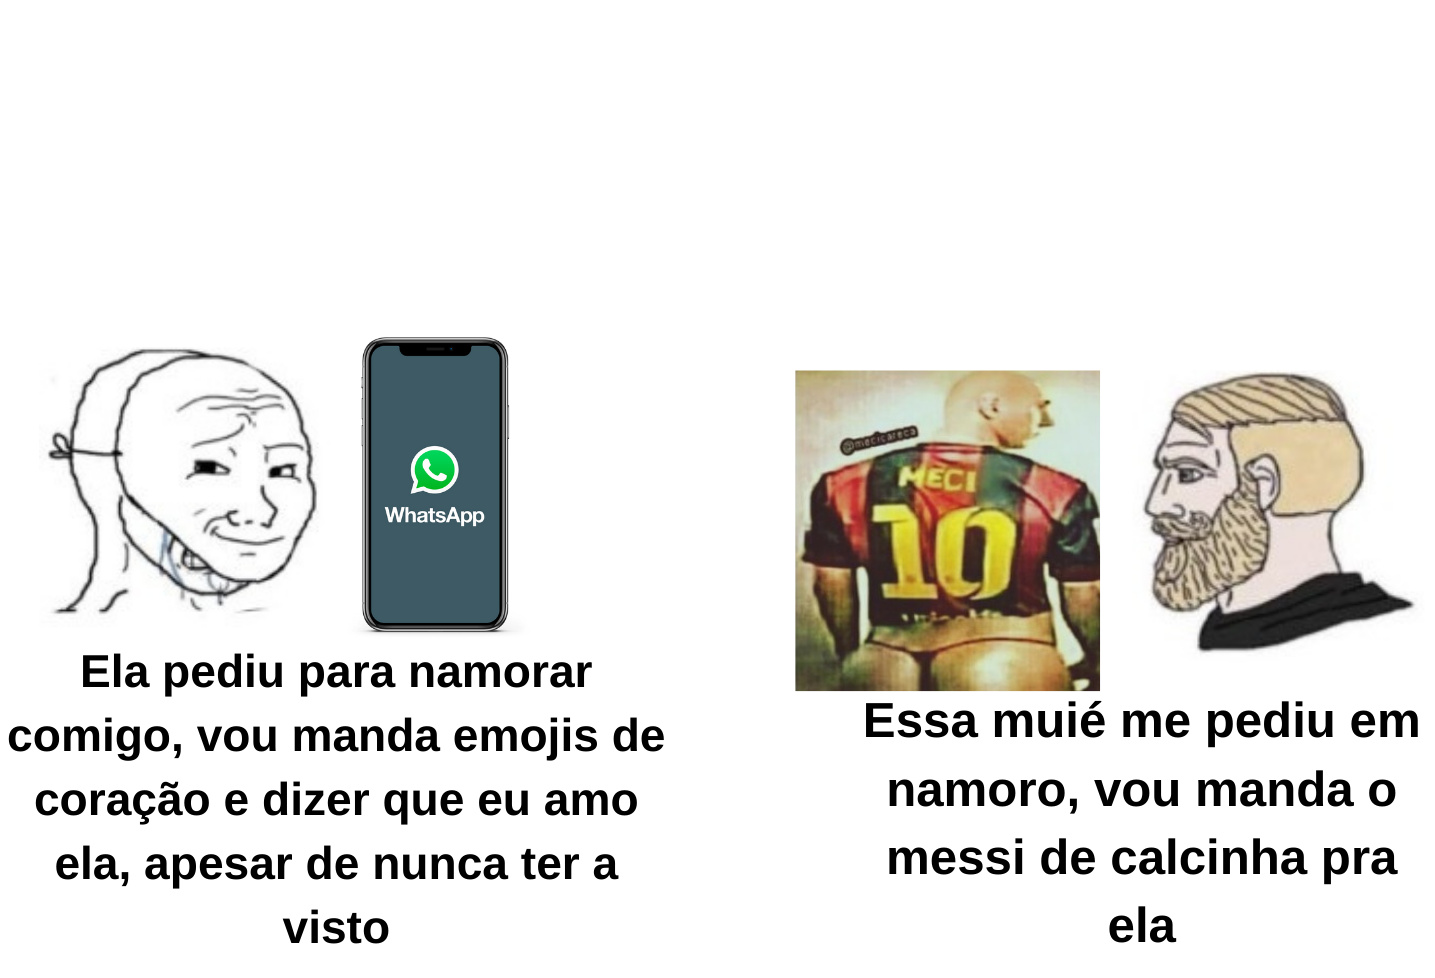 Messi de calcinha no zap - meme